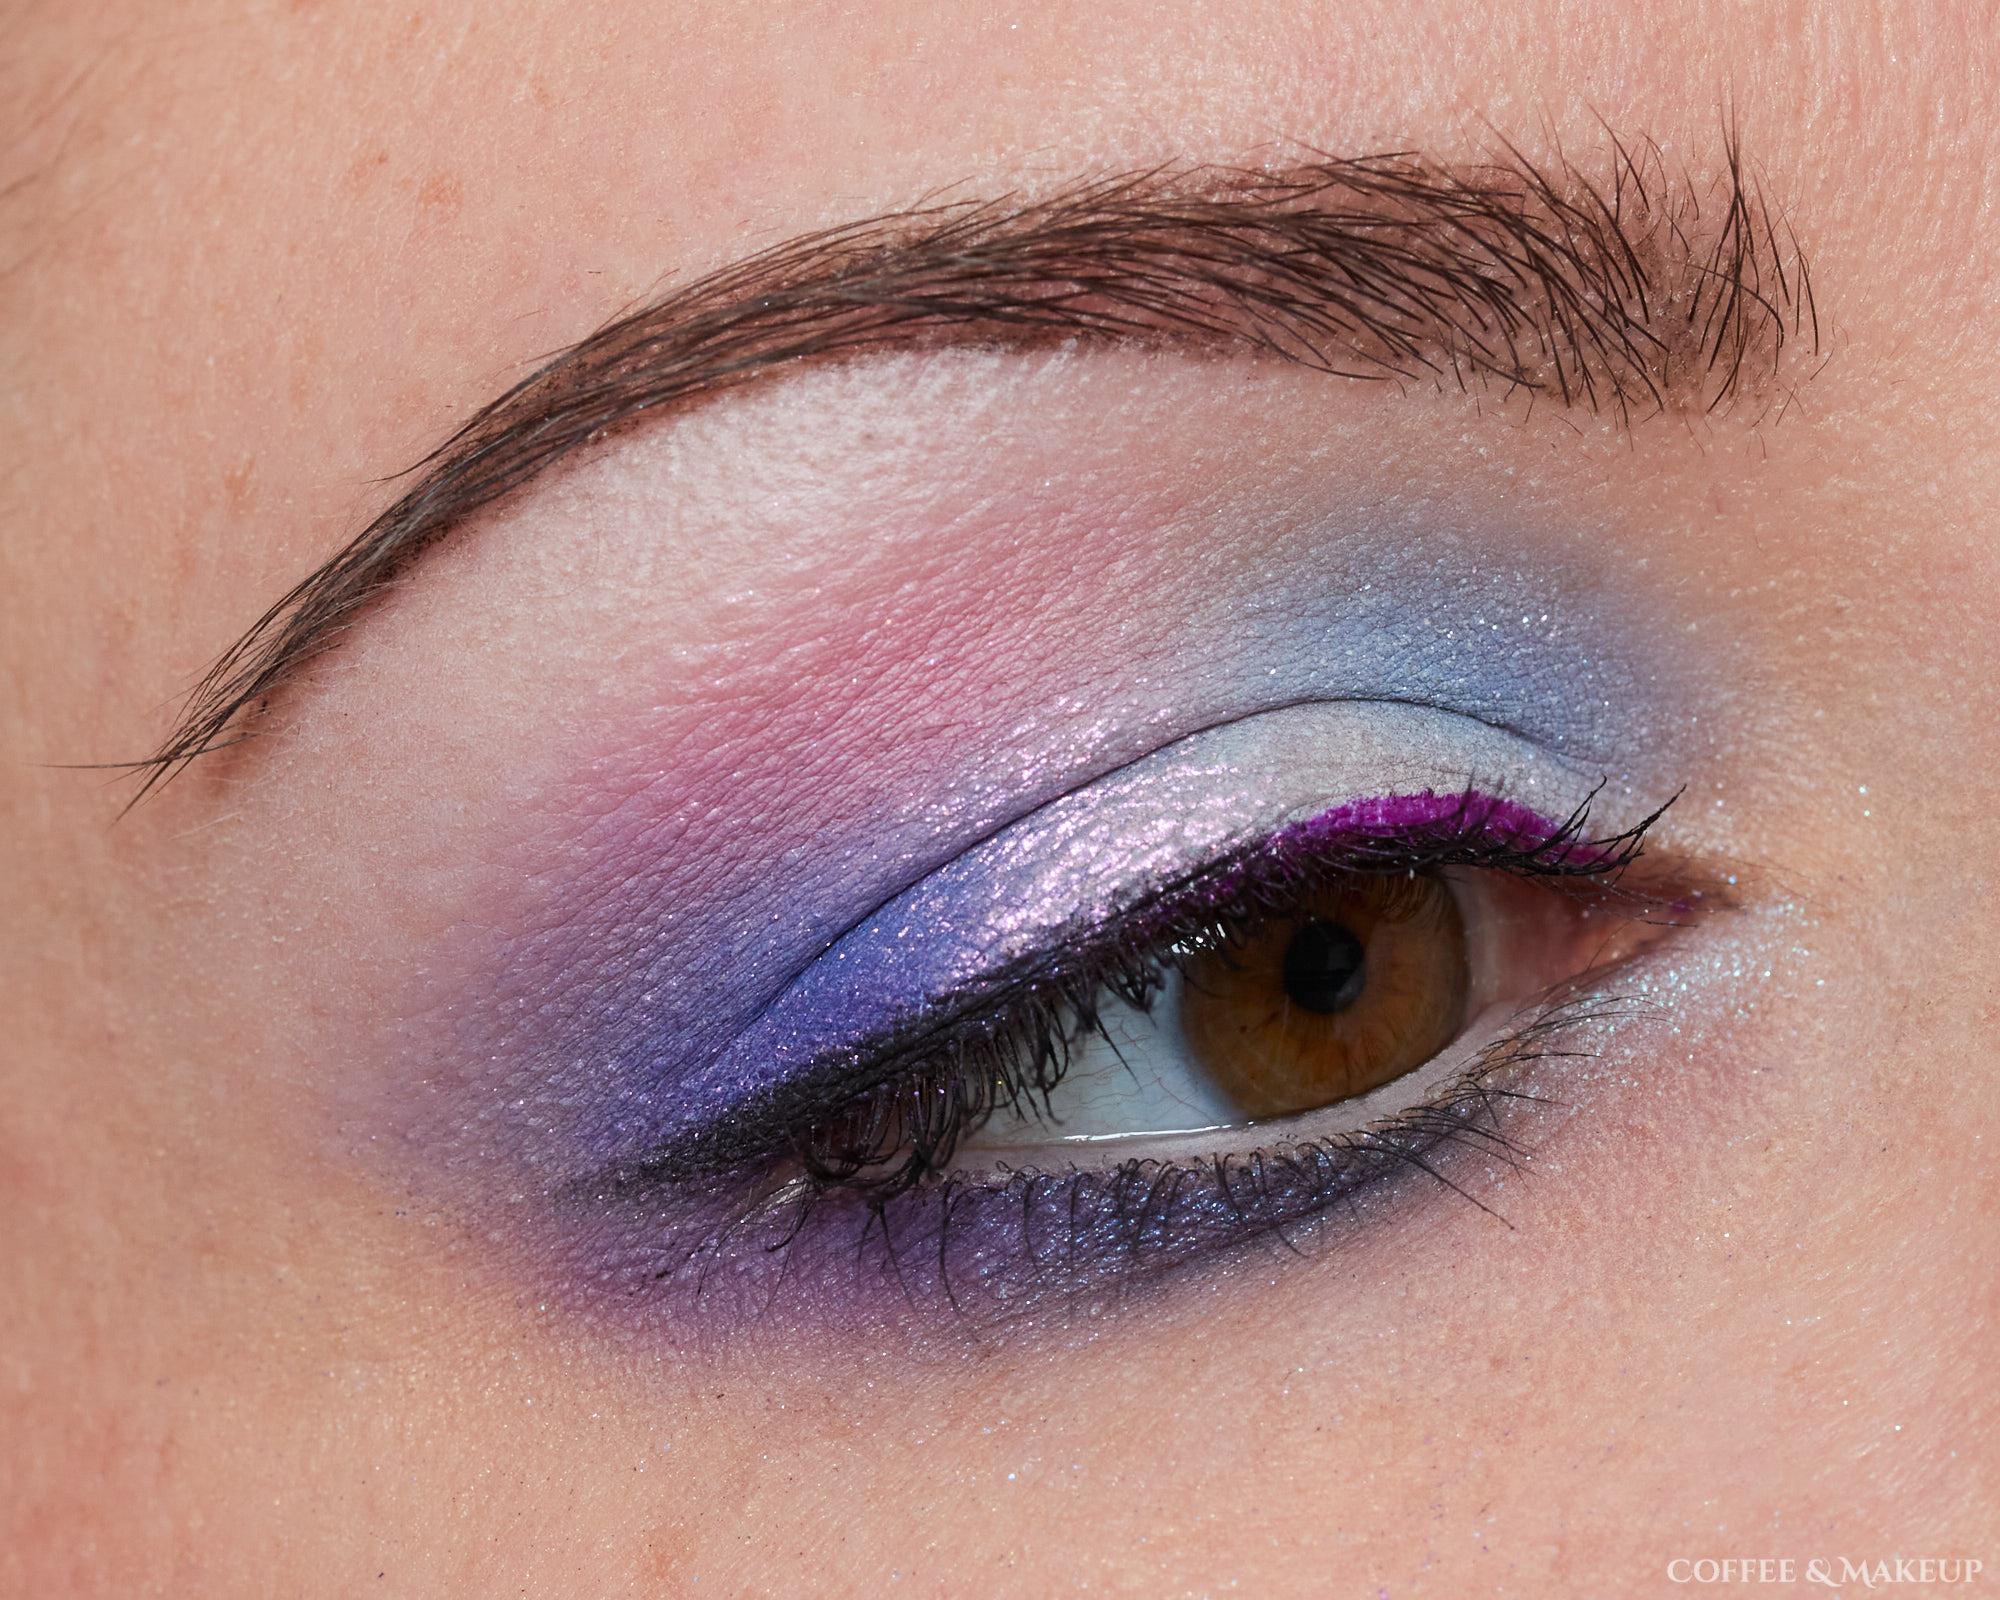 Blue, purple, and pink eyeshadow look